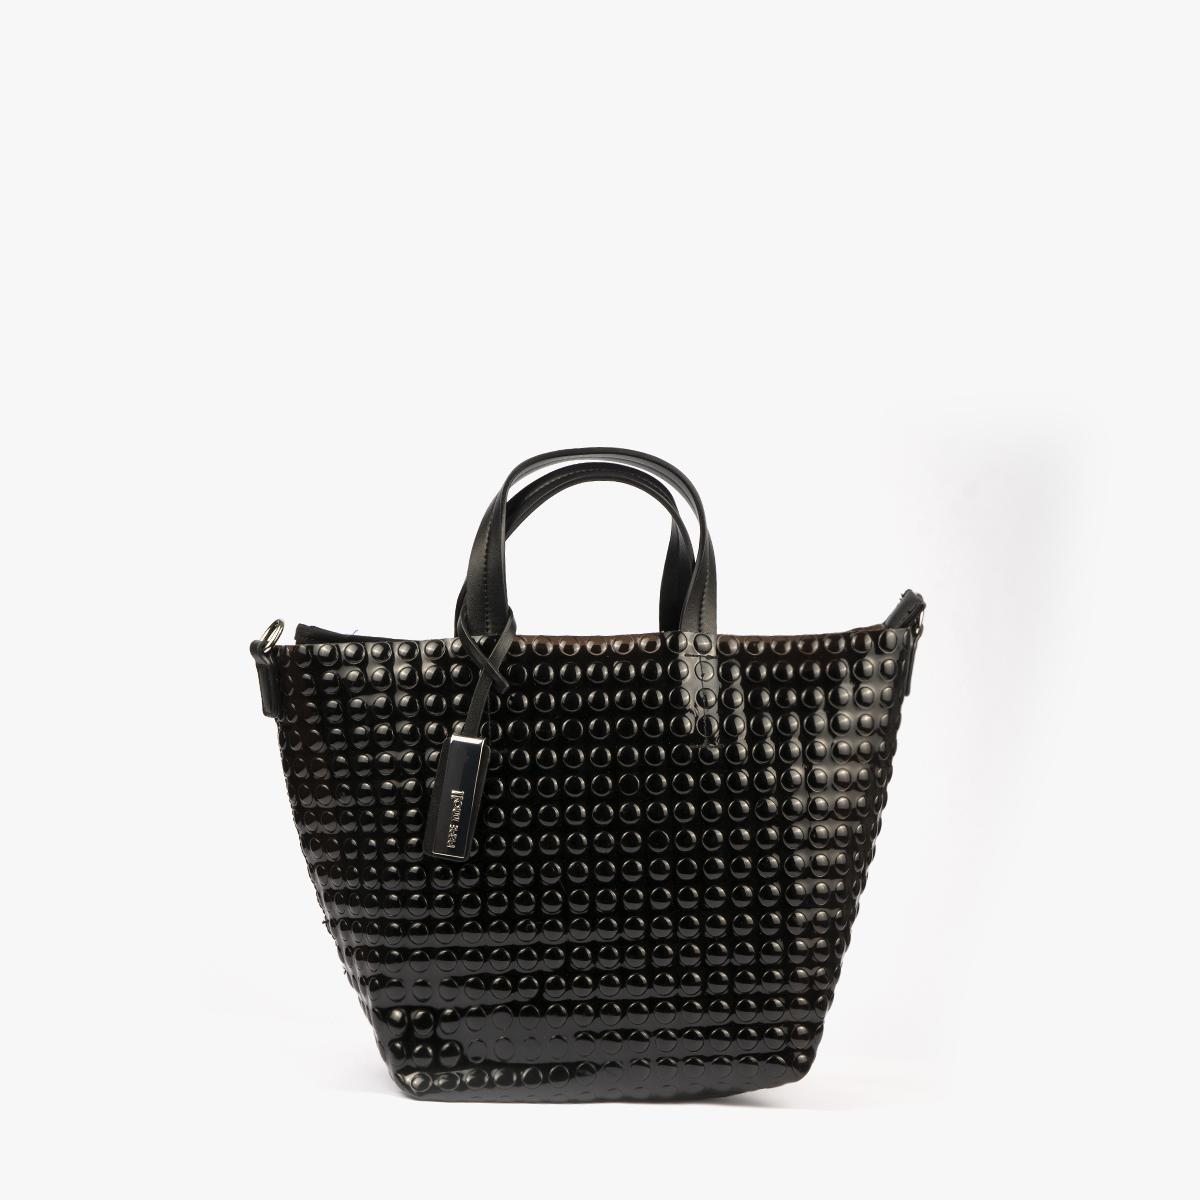 bolso de mano estilo bubble en color negro pepemoll 55048